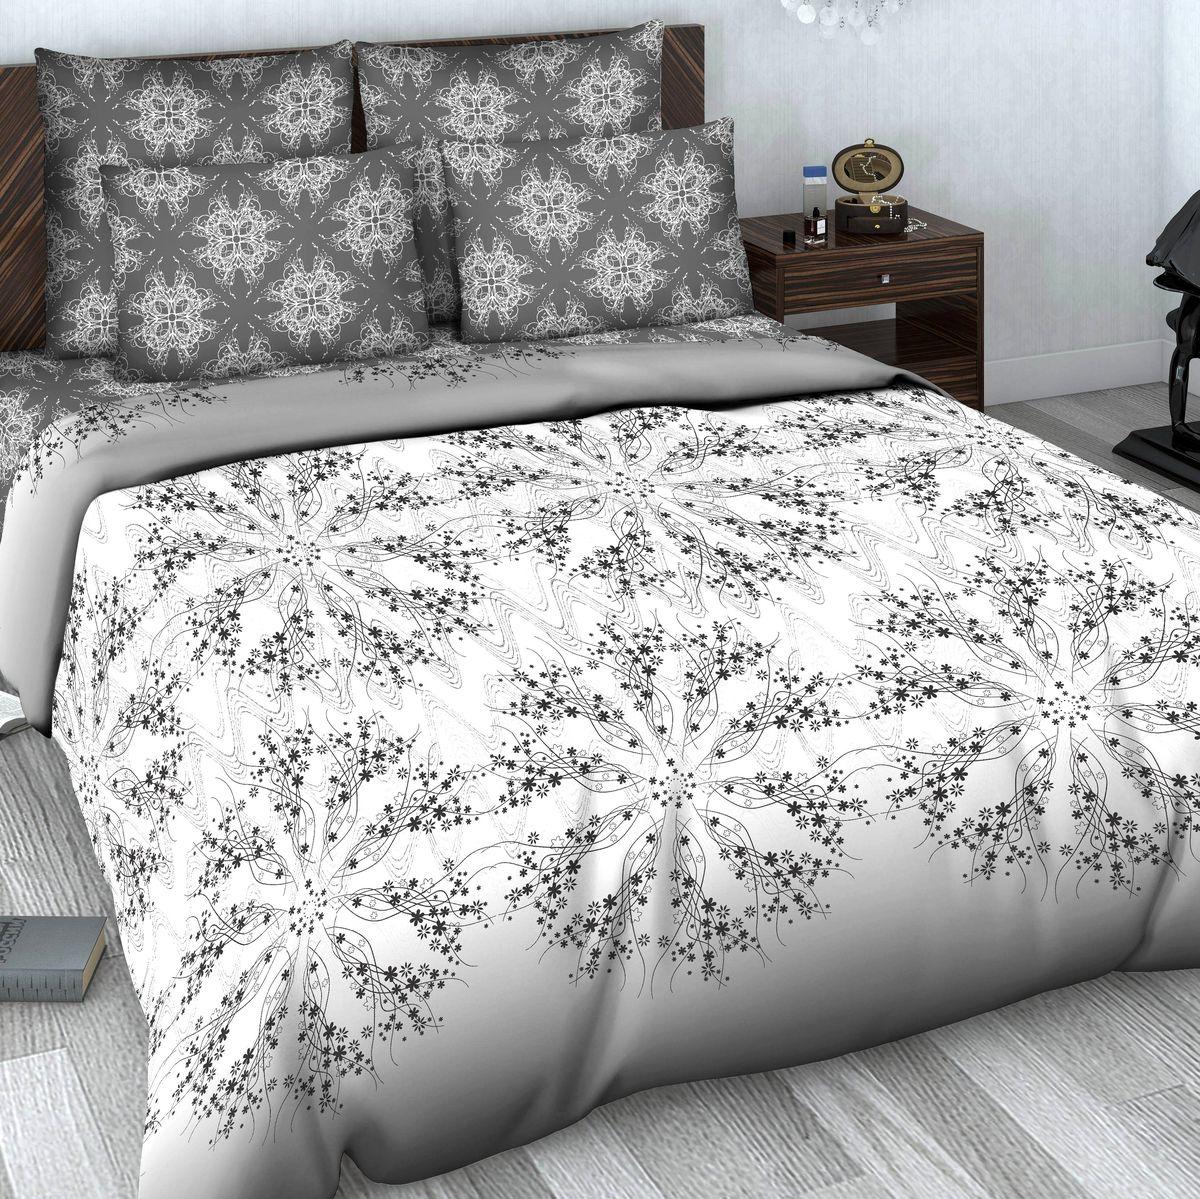 Комплект белья Василиса, 2-спальный, наволочки 70х70. 602/2